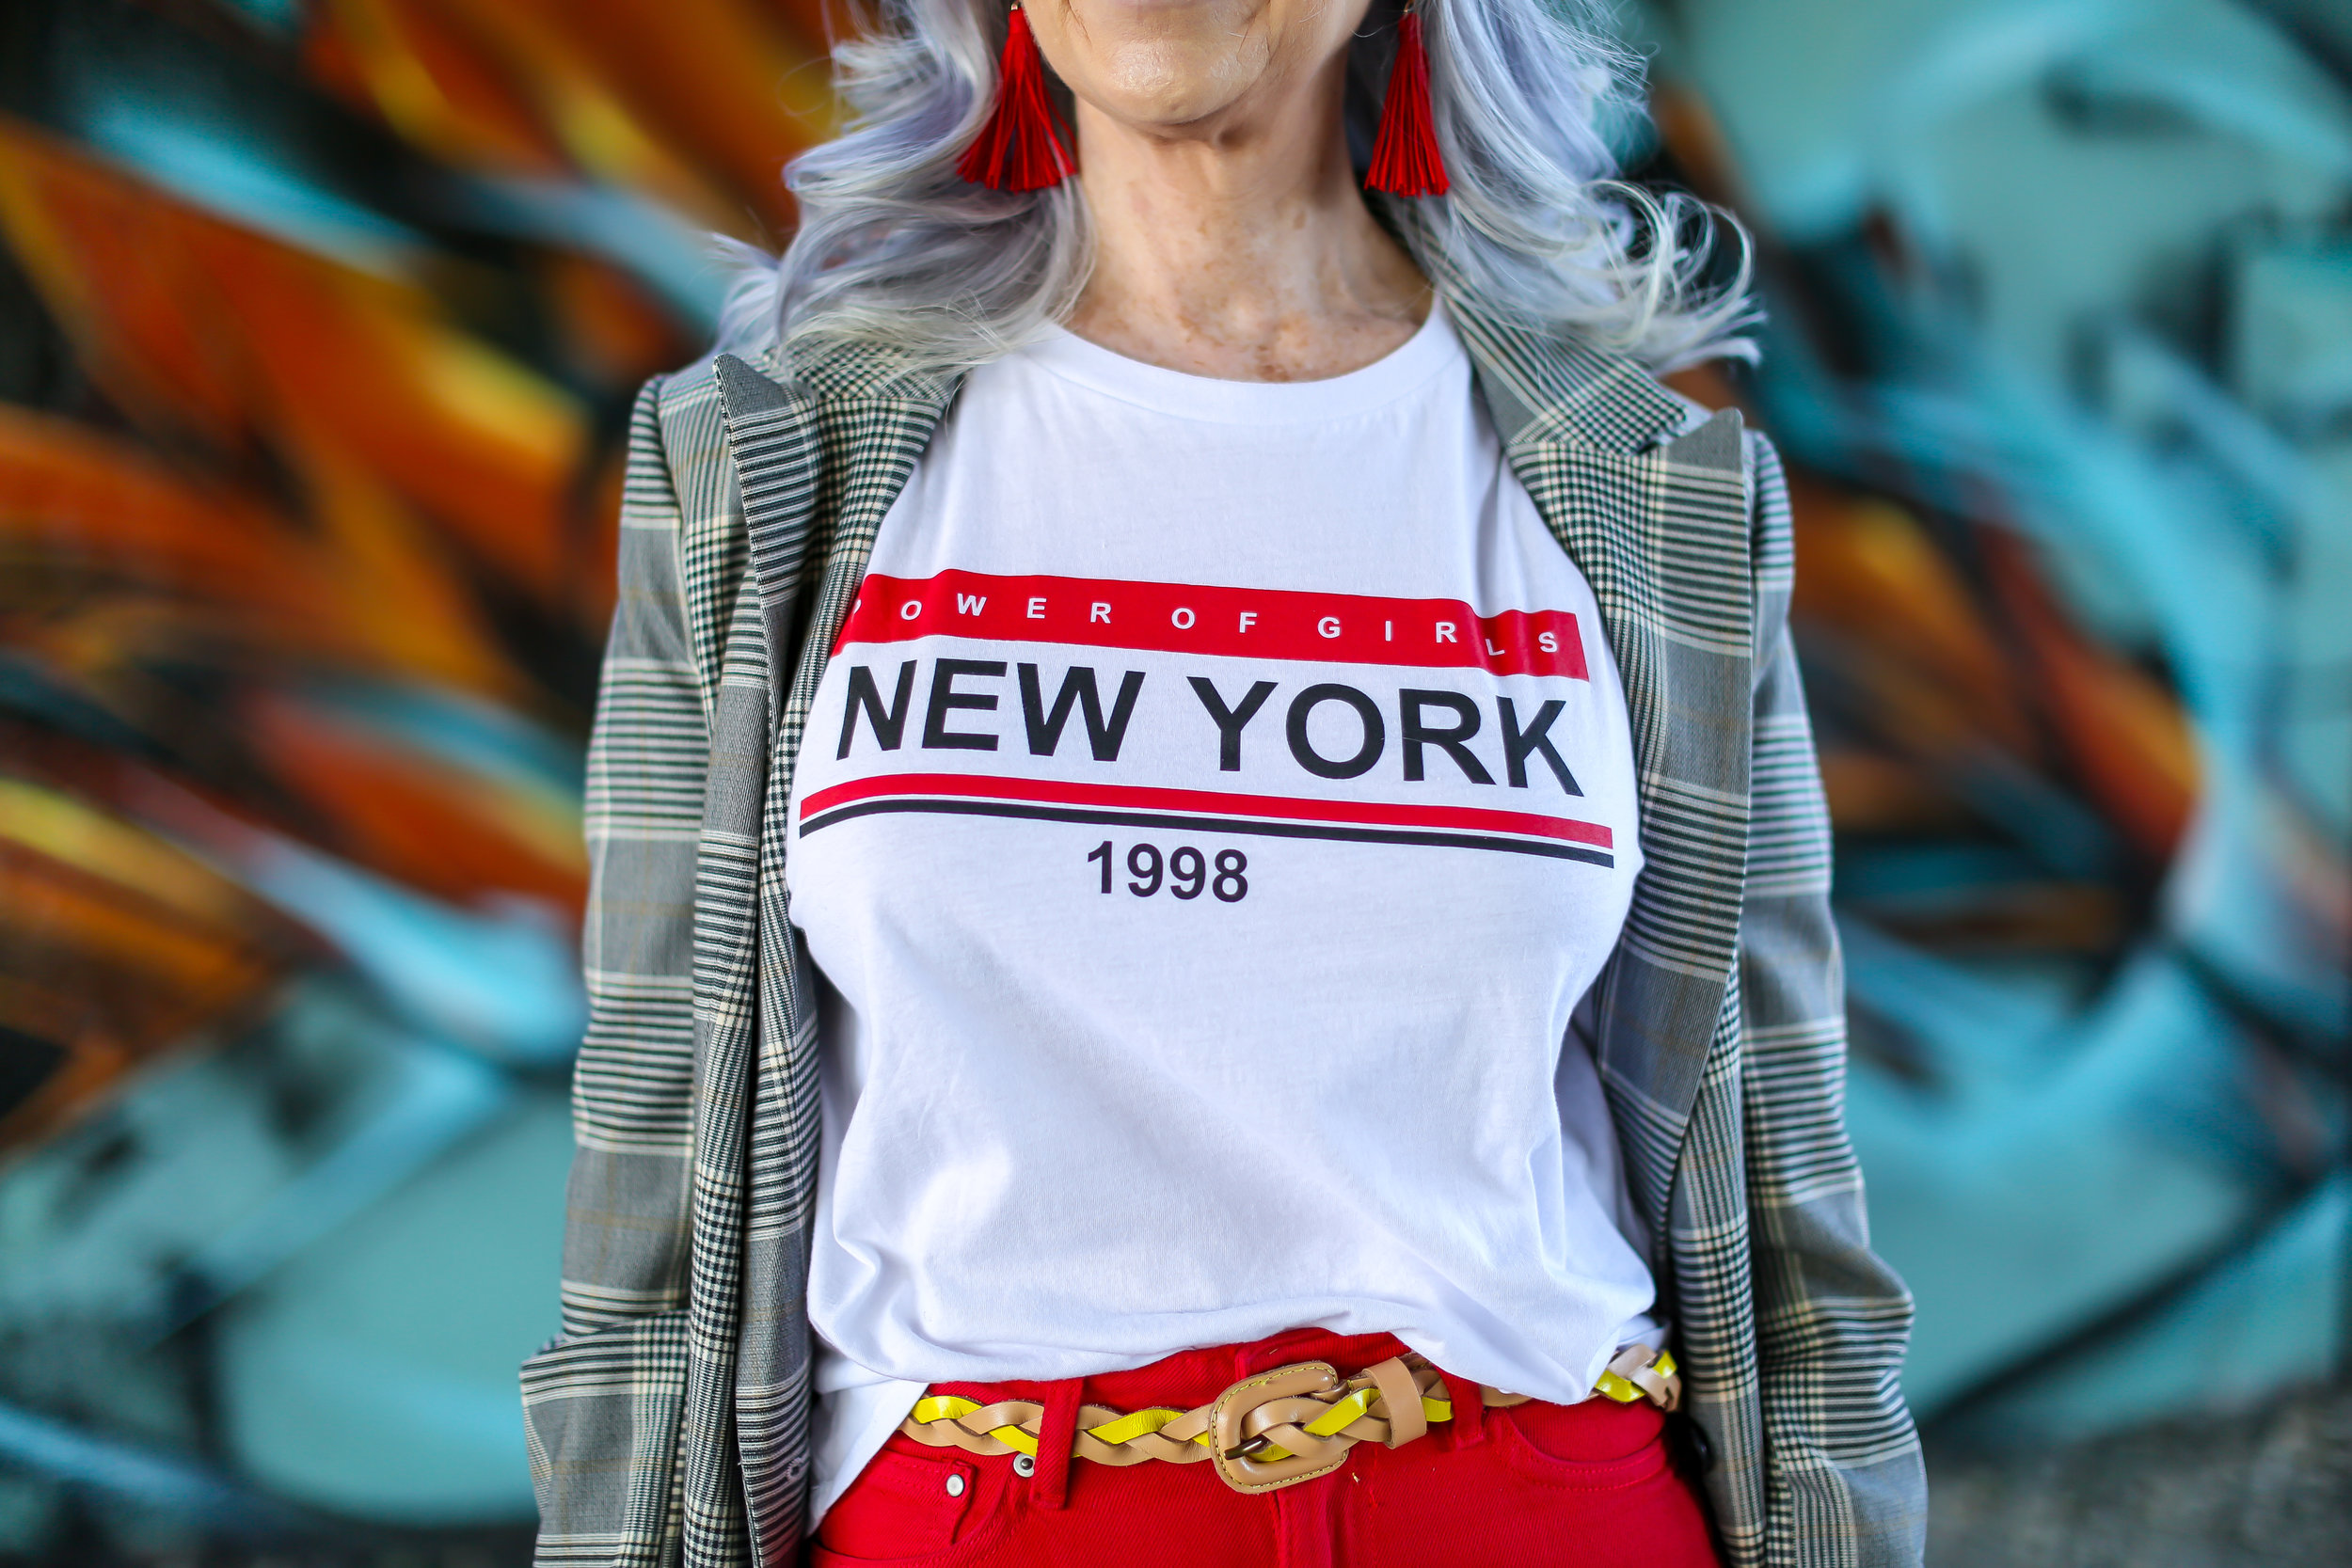 NYC-RedPants-10.jpg